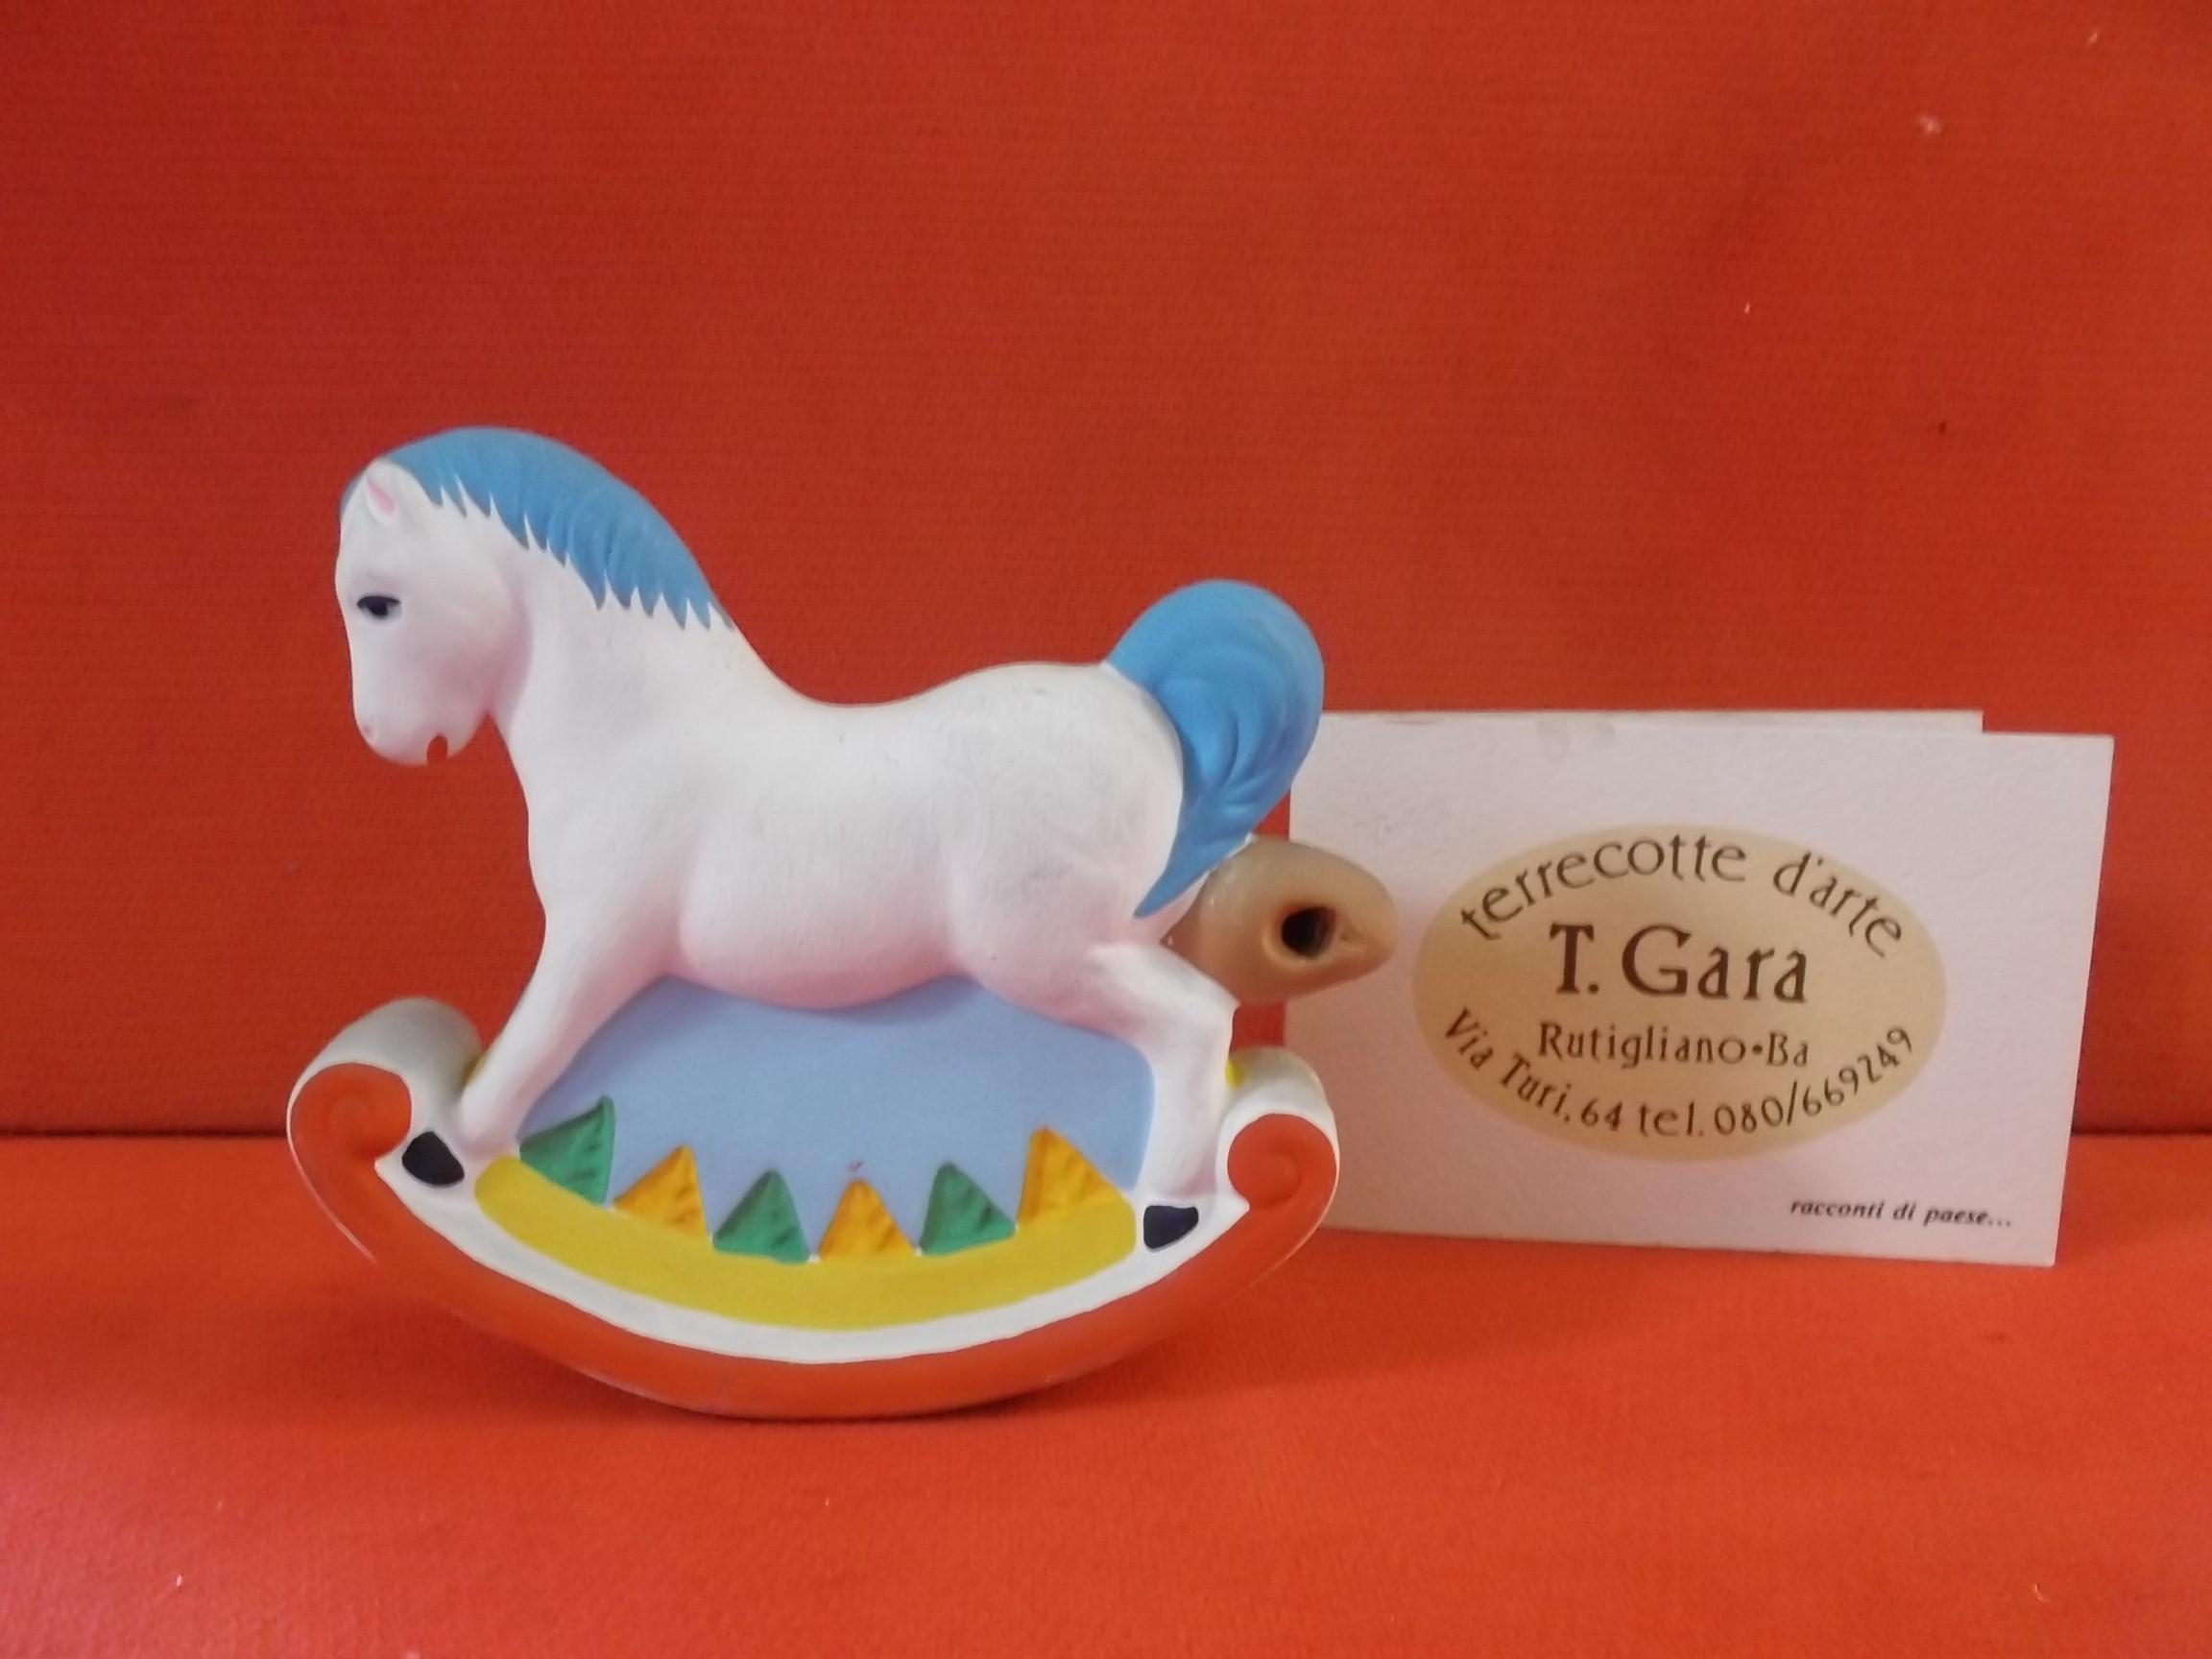 Cavallo A Dondolo Artigianale.Fischietto In Terracotta Artigianale Cavallo A Dondolo